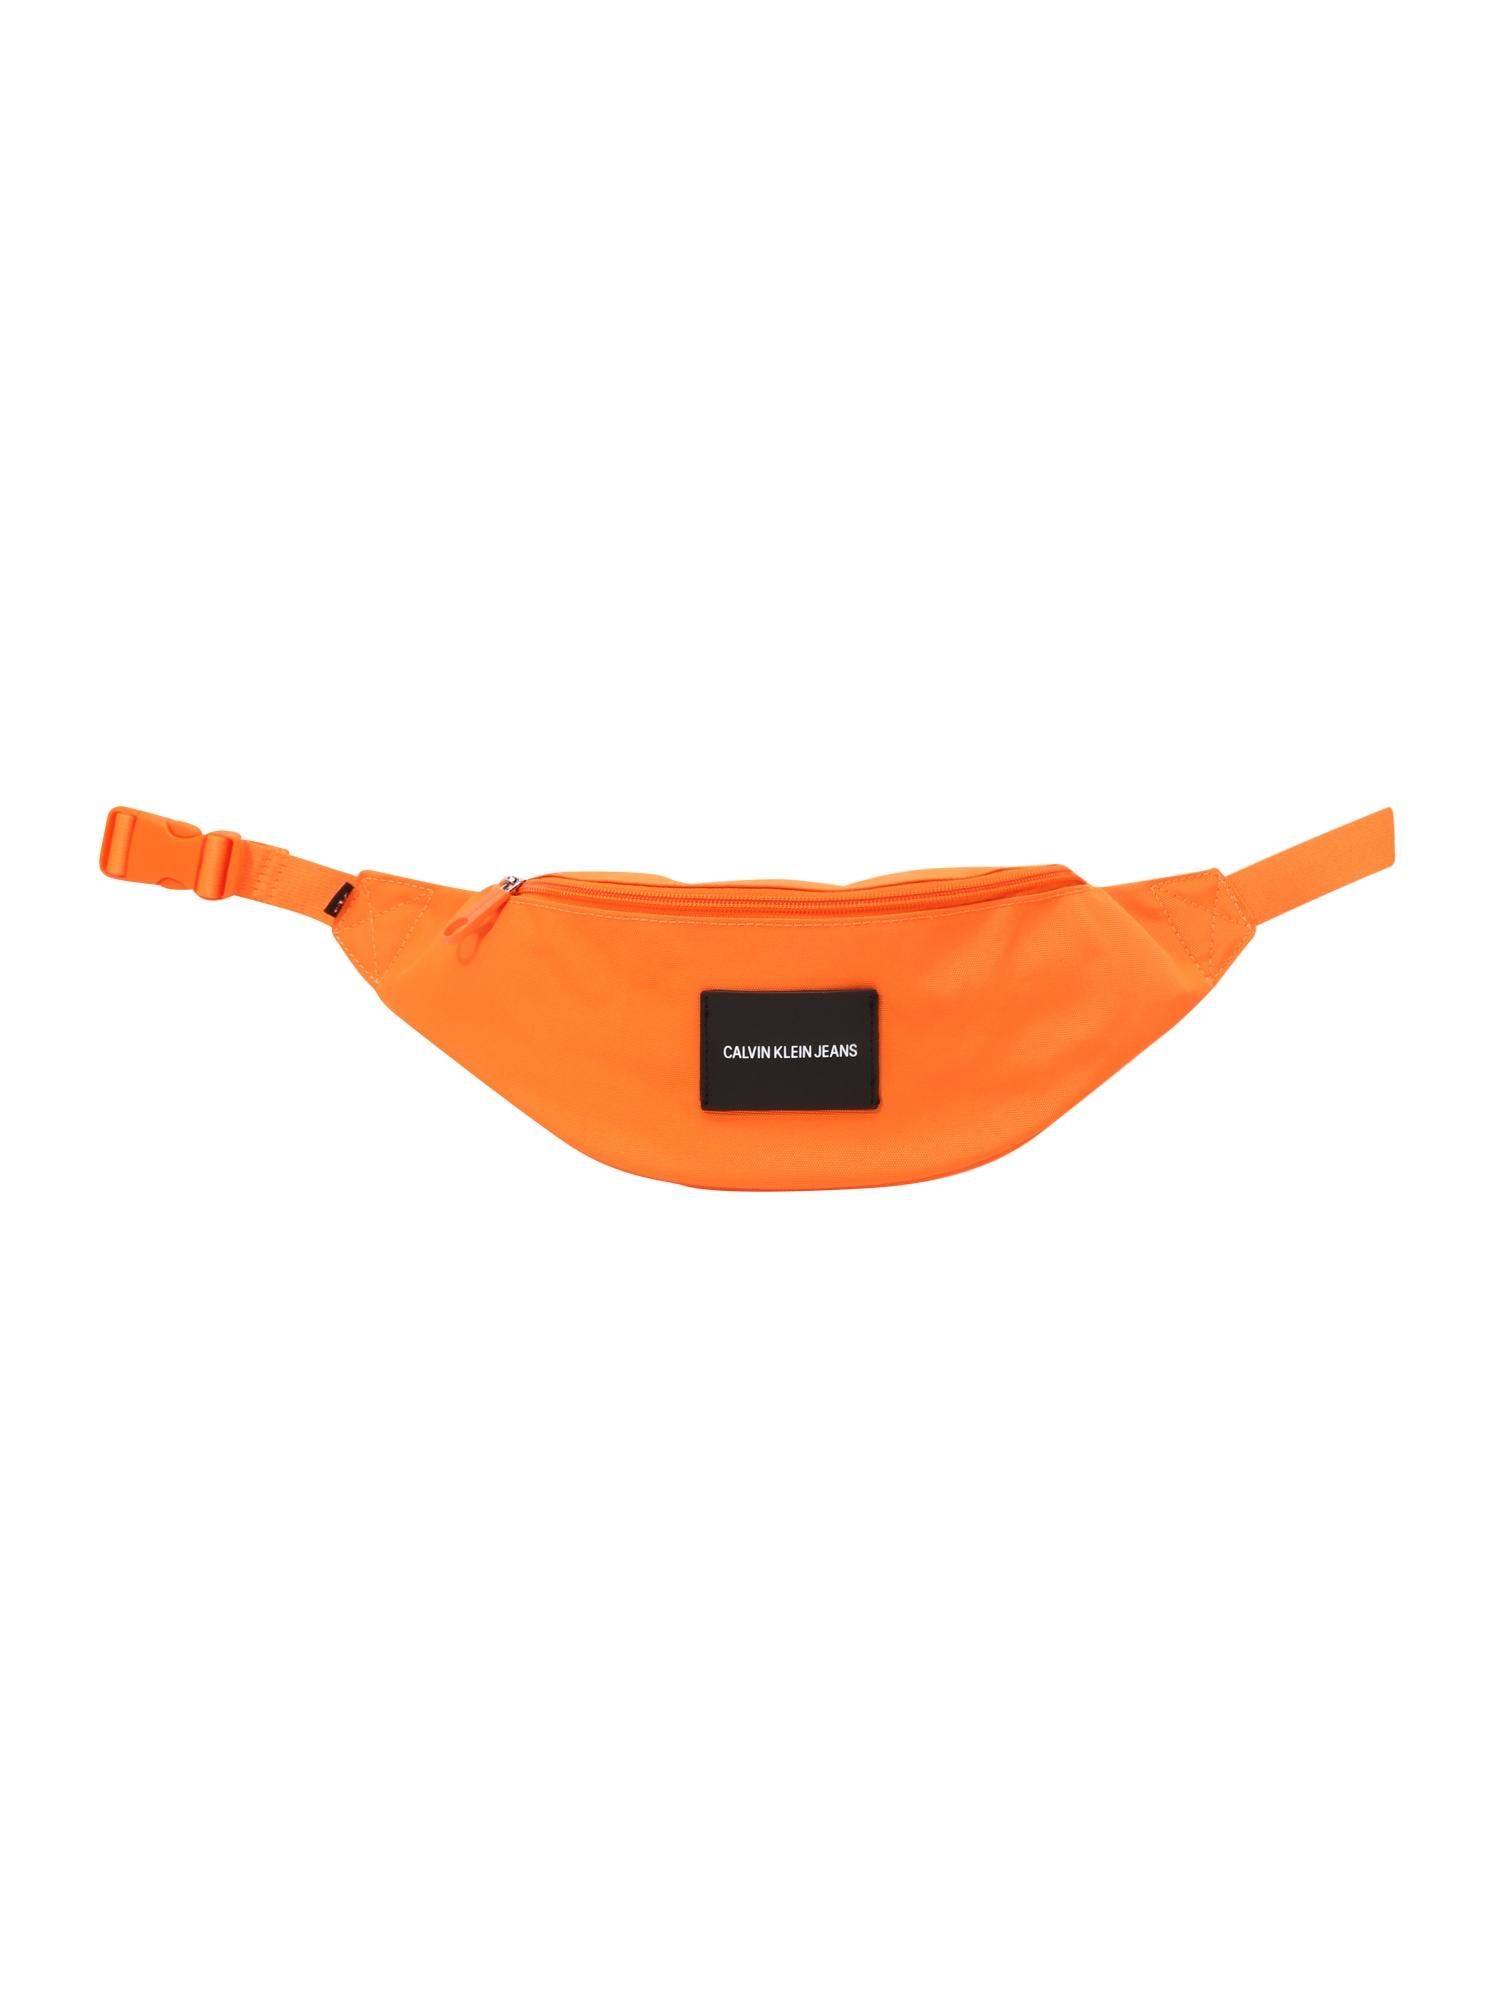 Calvin Klein Jeans Rankinė ant juosmens oranžinė / juoda